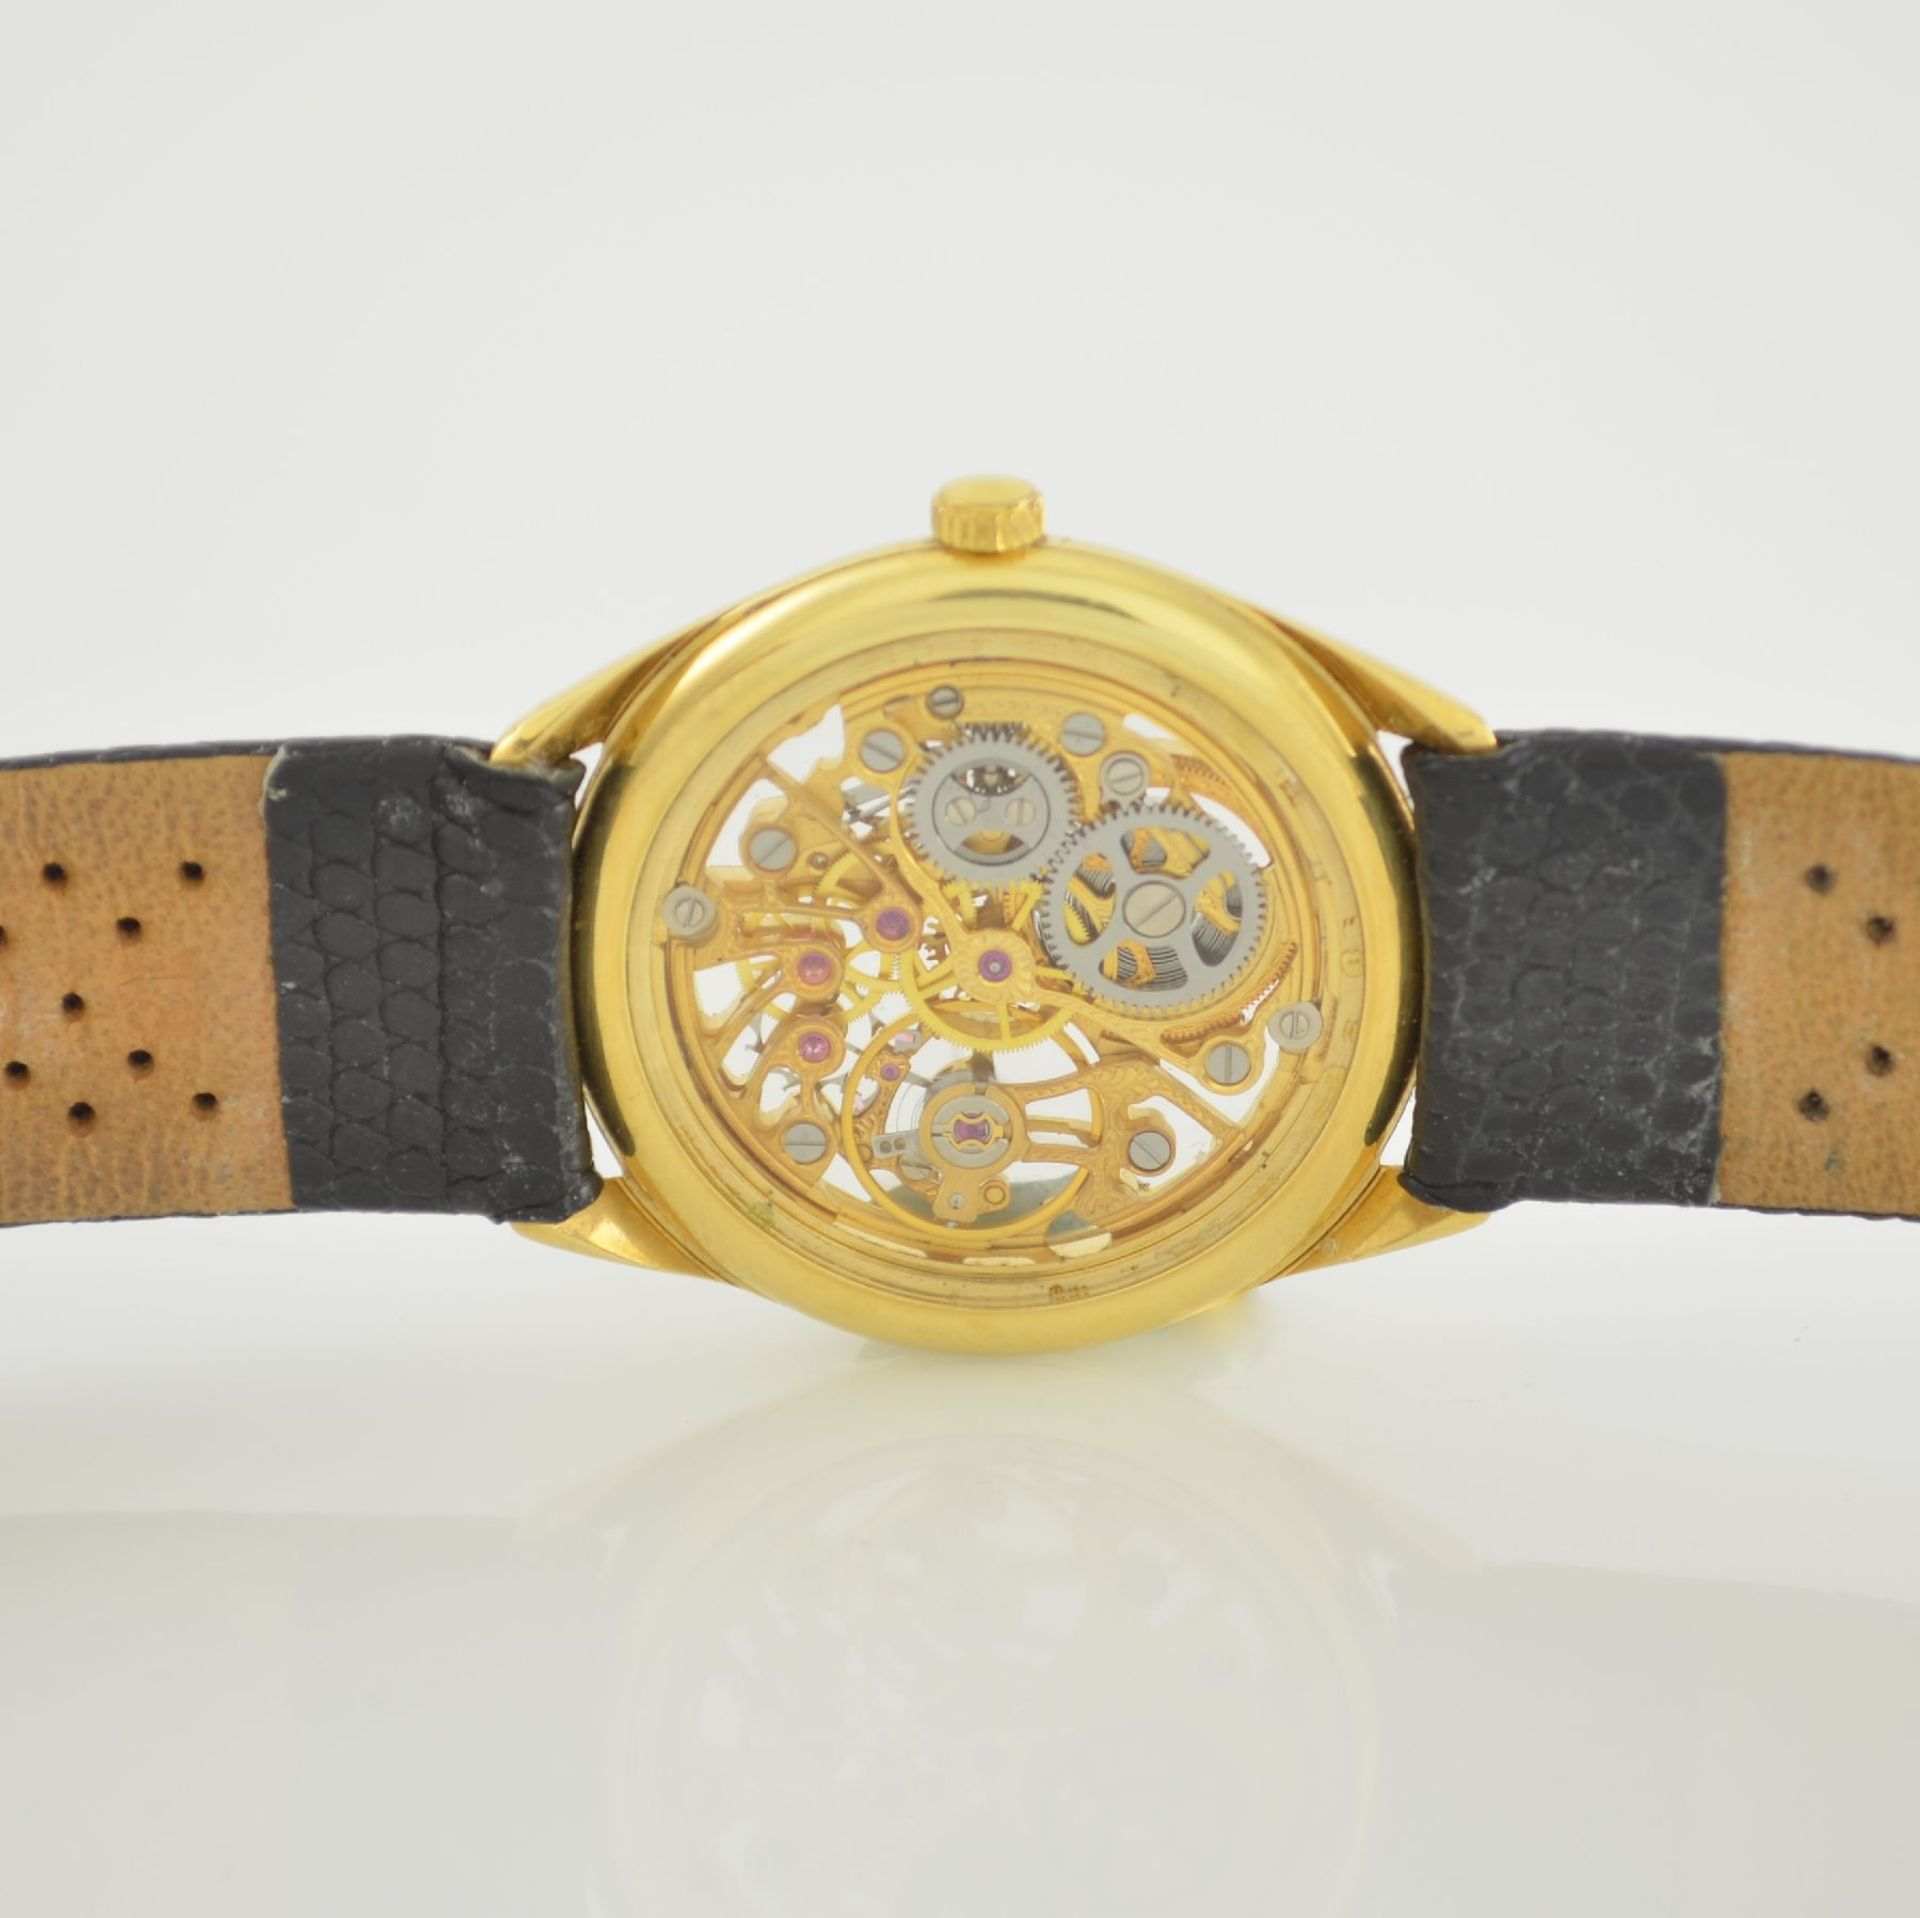 Skelettierte Armbanduhr in GG 750/000, Schweiz 1980er Jahre, Zifferblatt m. 12 Diamant-Indexen, - Bild 6 aus 6